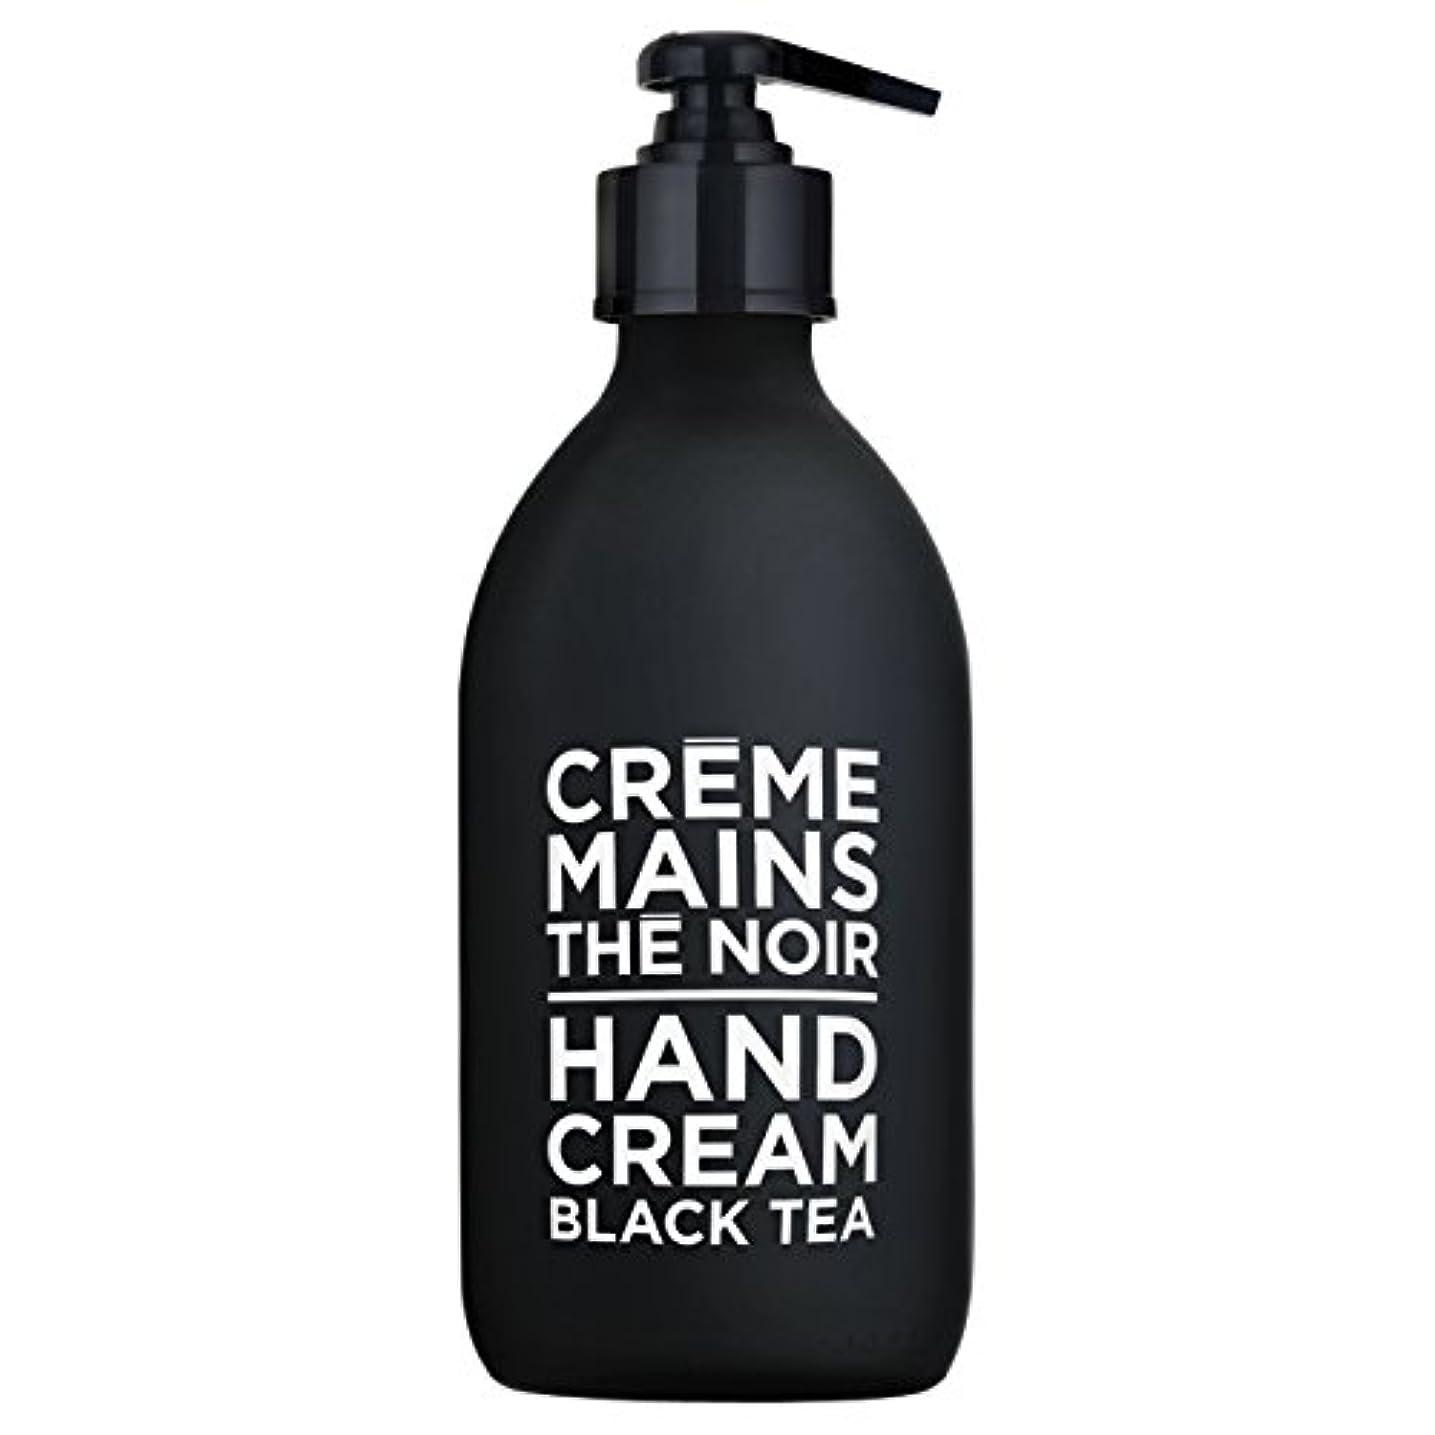 連続した助言する与えるカンパニードプロバンス ブラック&ホワイト ハンドクリーム ブラックティー(ブラックティーにフルーティなベリーが調和した穏やかな香り) 300ml